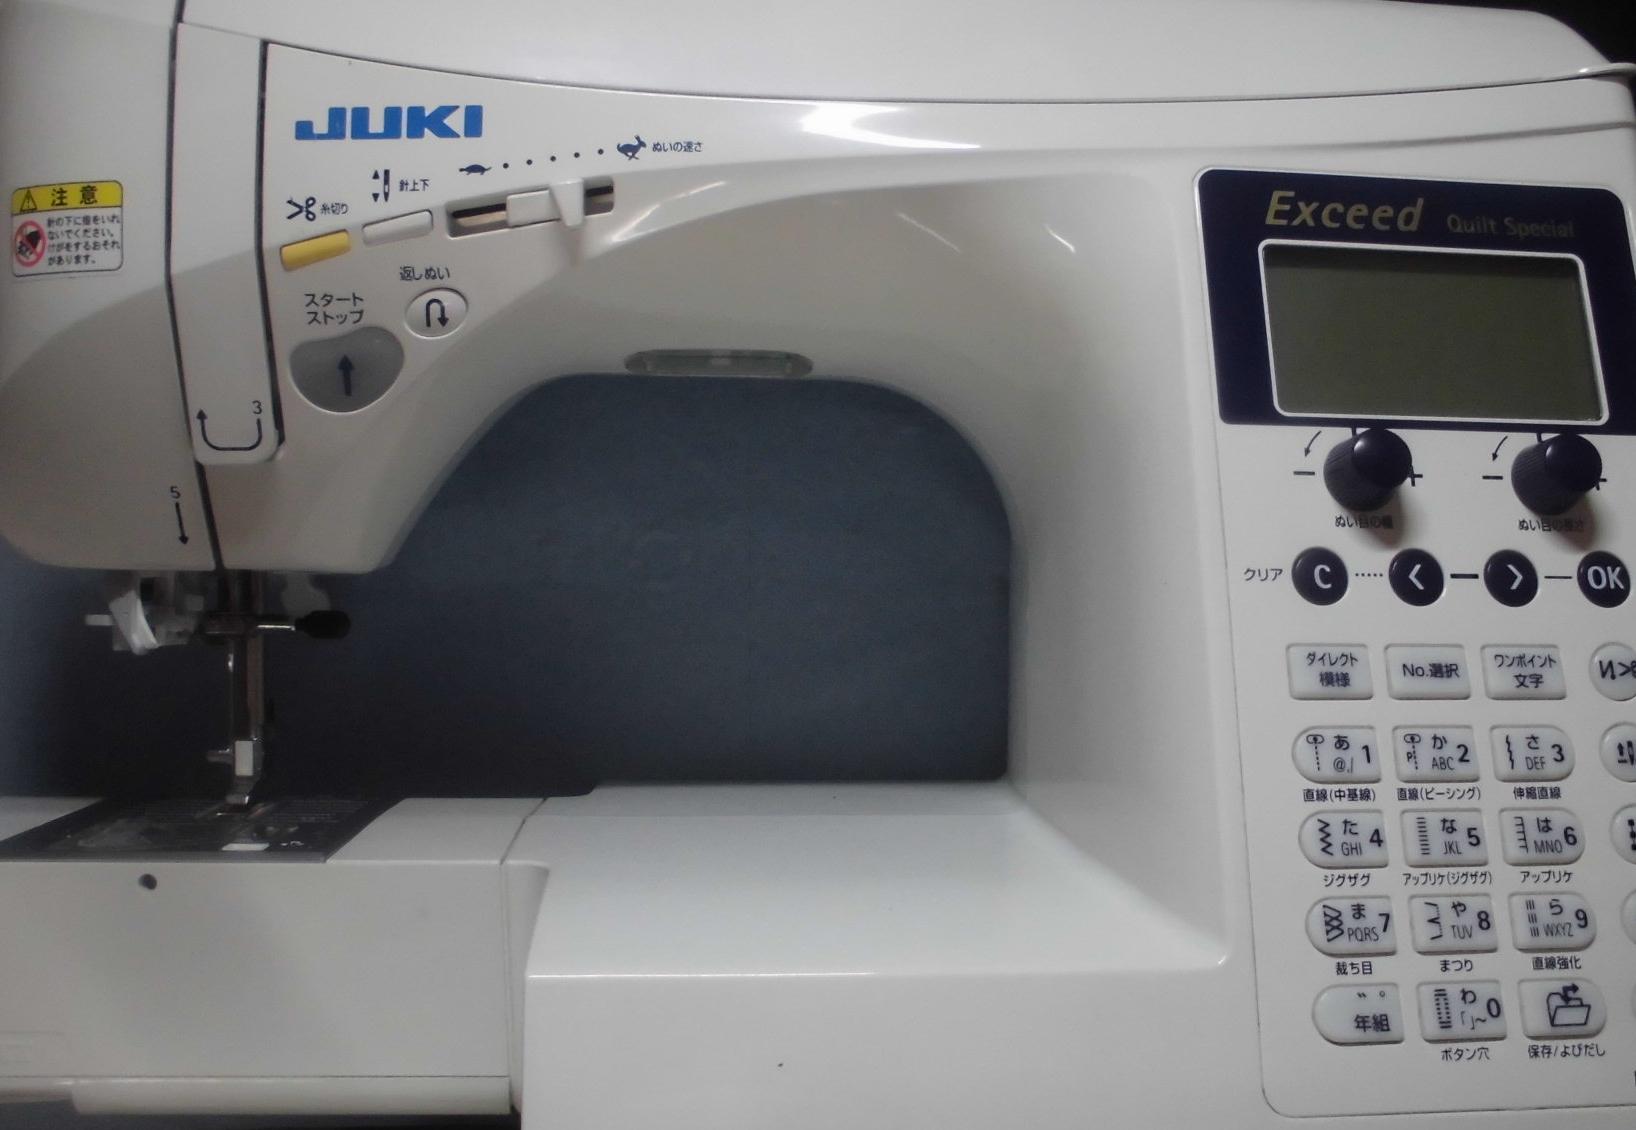 ジューキコンピューターミシン修理|エクシード|HZL-F600JP|縫えない、釜が回らない、異音